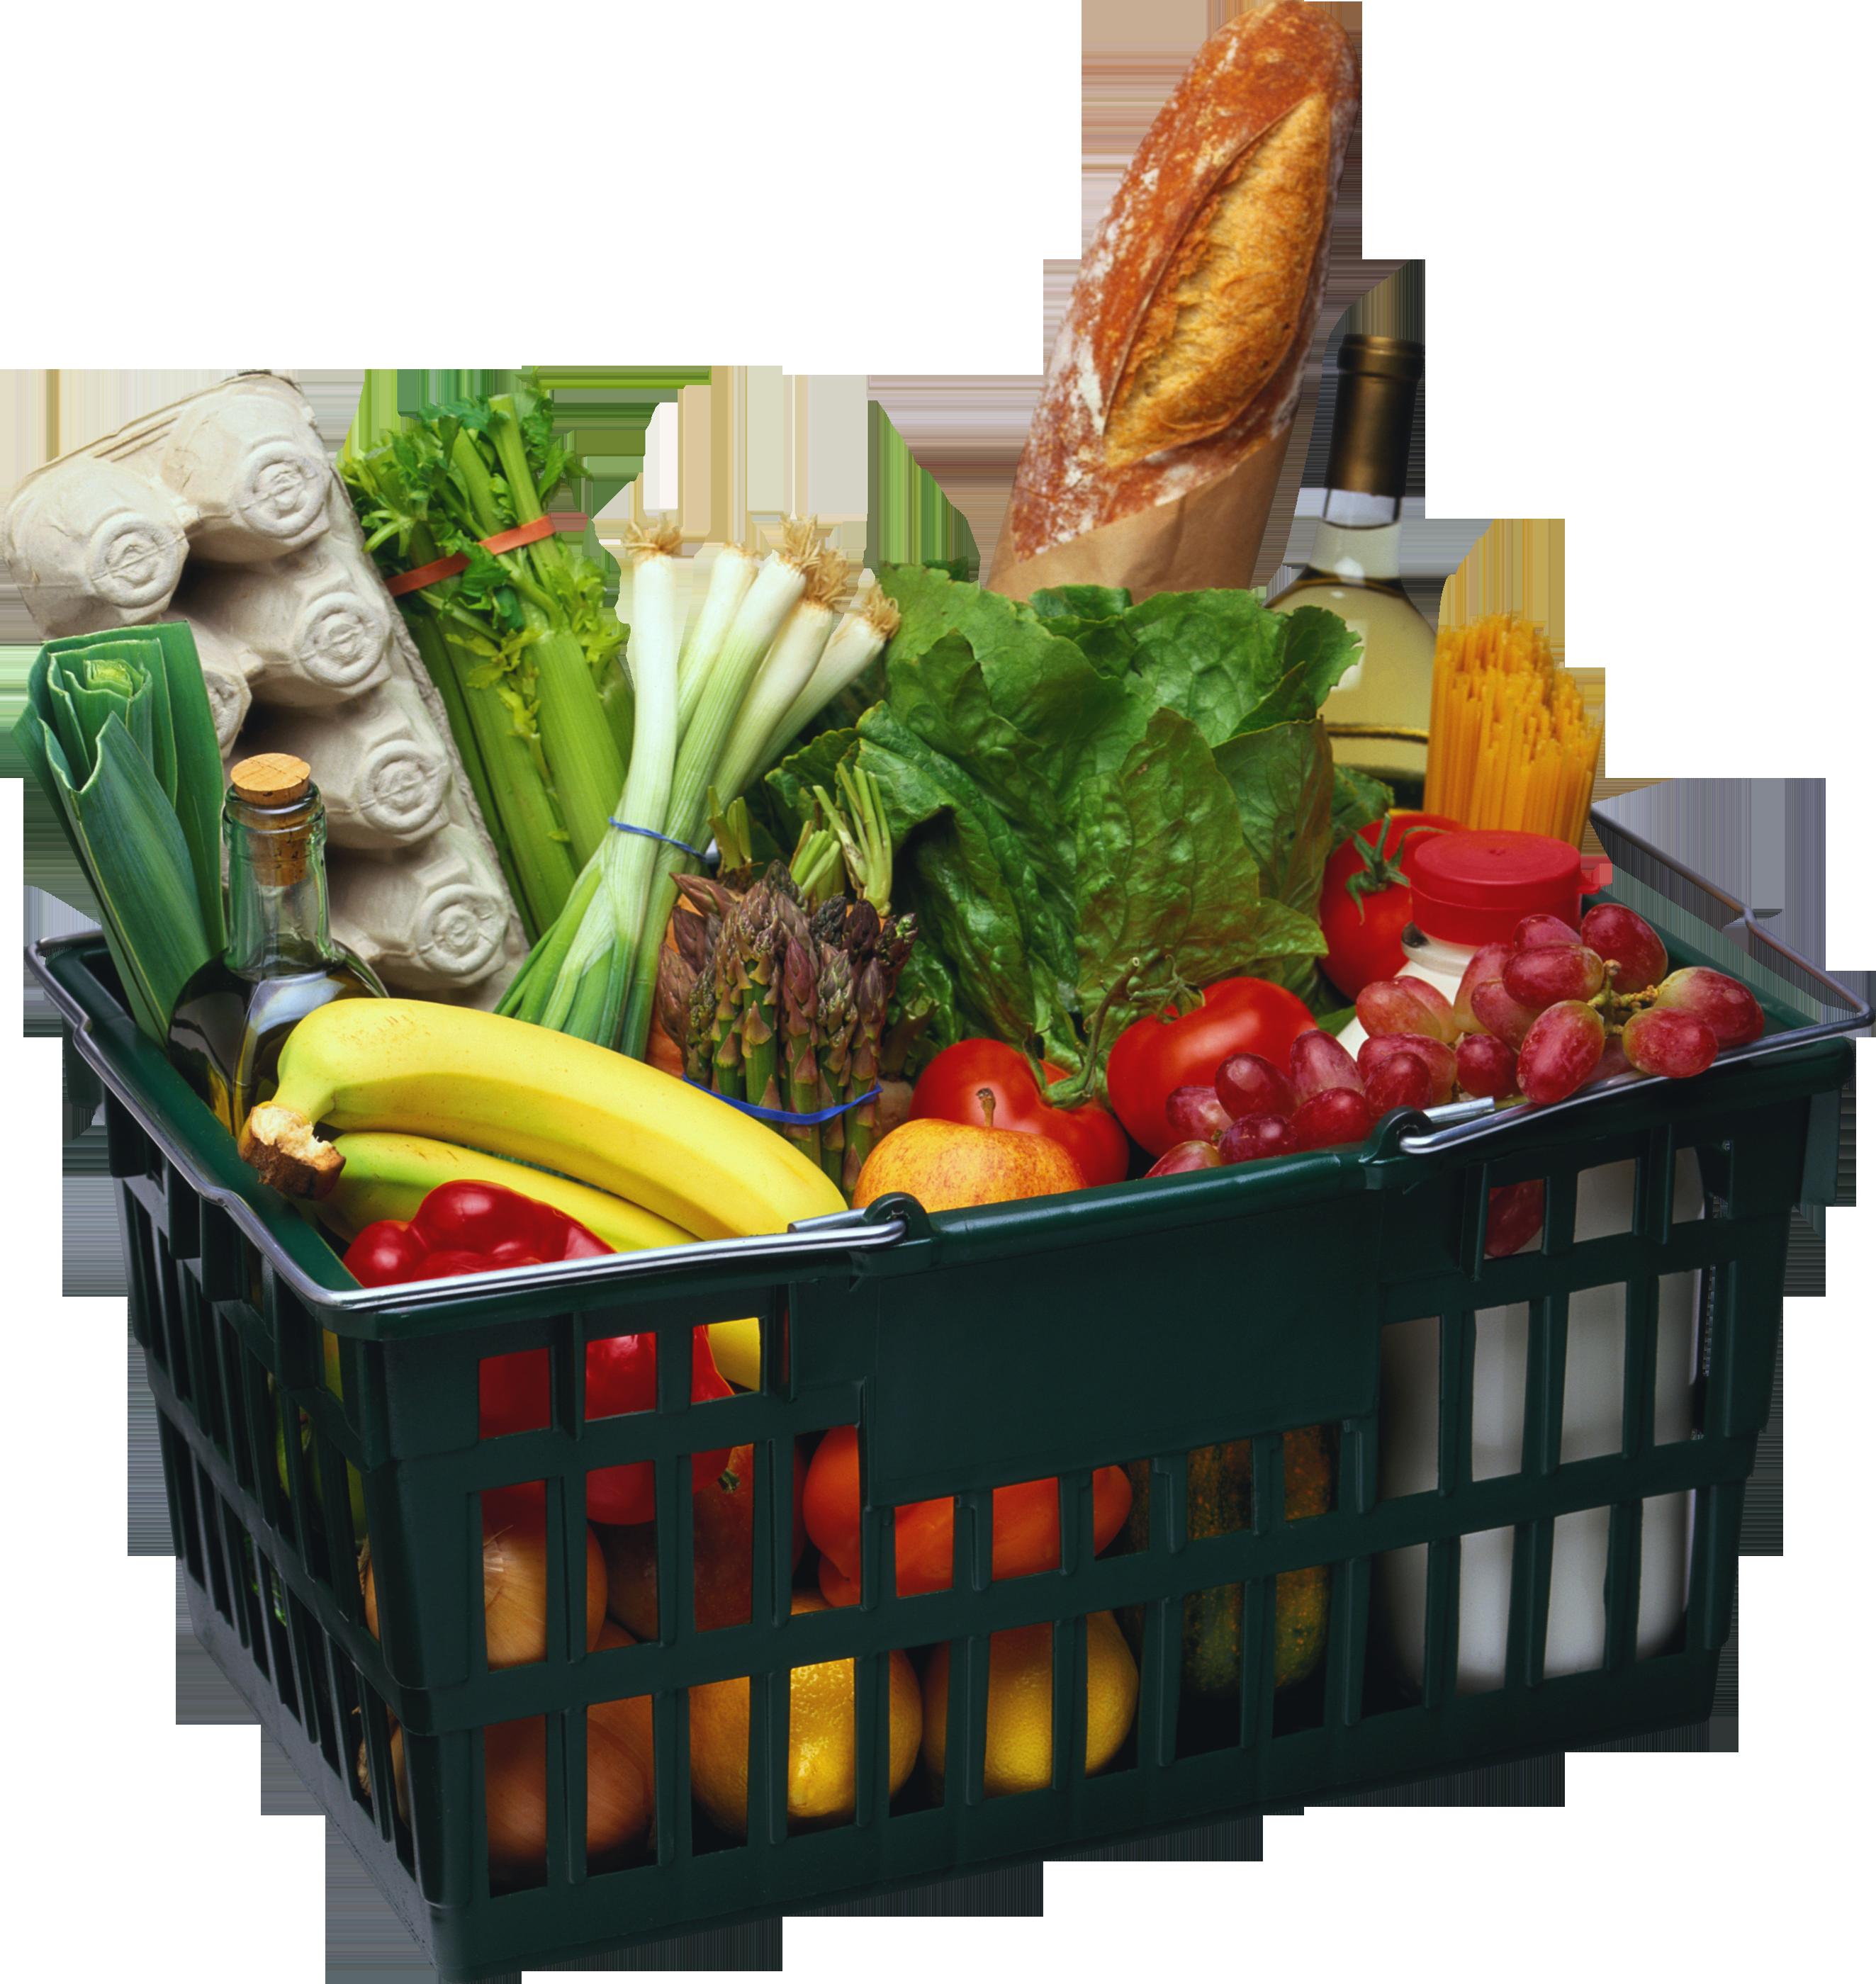 какие продукты покупать для правильного питания